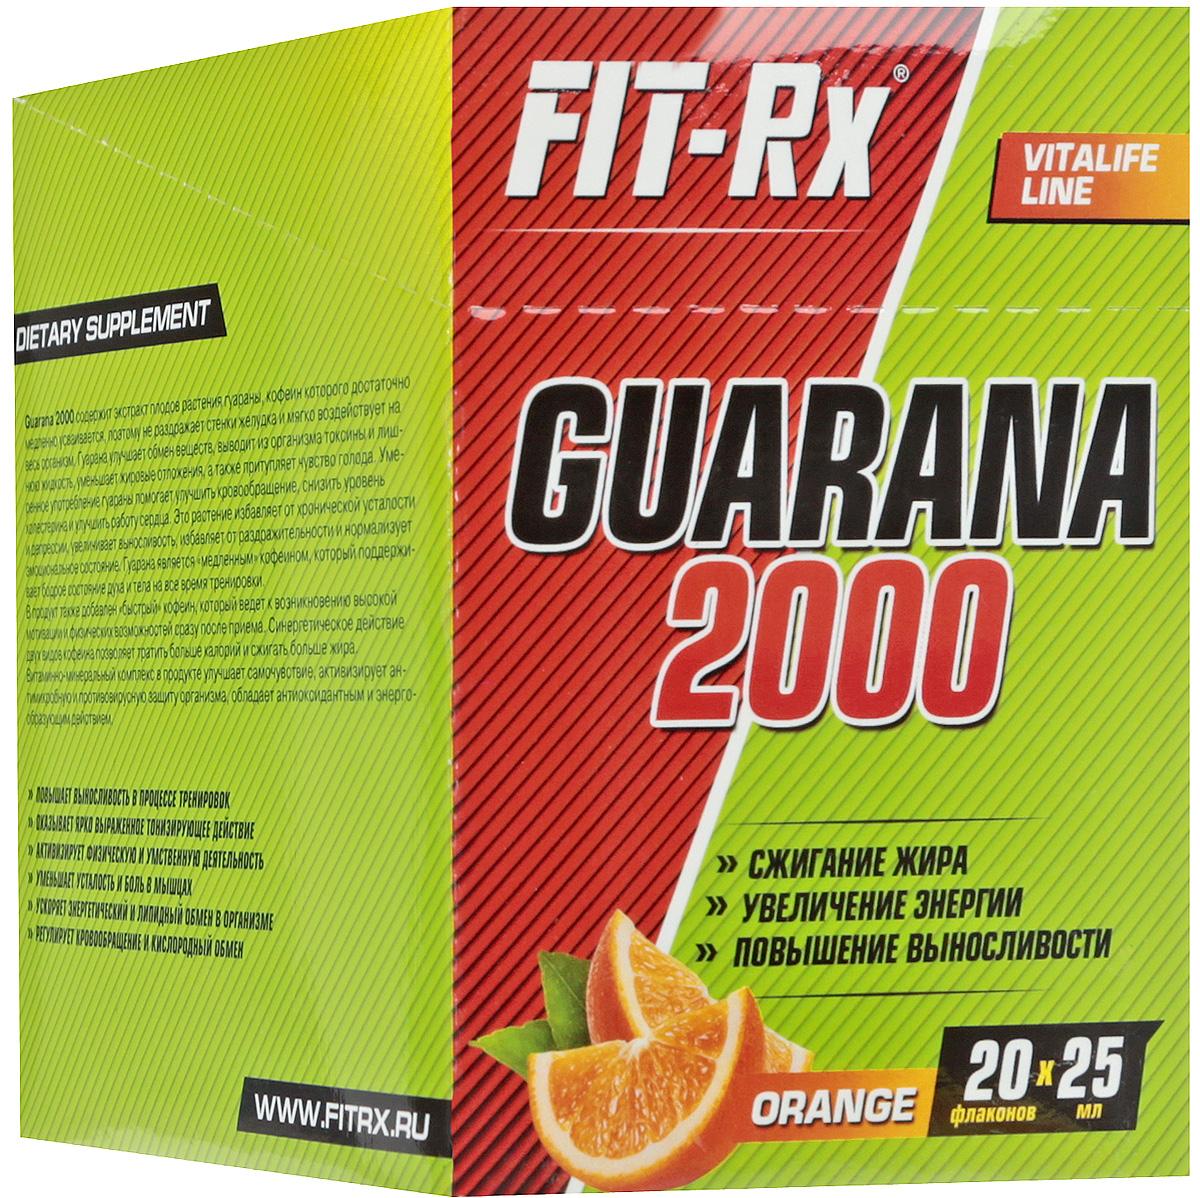 Энергетический напиток FIT-Rx Guarana 2000, апельсин, 20 шт х 25 мл4630018861247Энергетический напиток FIT-Rx Guarana 2000 содержит экстракт плодов растения гуараны, кофеин которого достаточно медленно усваивается, поэтому не раздражает стенки желудка и мягко воздействует на весь организм. Гуарана улучшает обмен веществ, выводит из организма токсины и лишнюю жидкость, уменьшает жировые отложения, а также притупляет чувство голода. Умеренное употребление гуараны помогает улучшить кровообращение, снизить уровень холестерина и улучшить работу сердца. Это растение избавляет от хронической усталости и депрессии, увеличивает выносливость, избавляет от раздражительности и нормализует эмоциональное состояние. Гуарана является медленным кофеином, который поддерживает бодрое состояние духа и тела на все время тренировки.В продукт также добавлен быстрый кофеин, который ведет к возникновению высокой мотивации и физических возможностей сразу после приема. Синергетическое действие двух видов кофеина позволяет тратить больше калорий и сжигать больше жира.Витаминно-минеральный комплекс в продукте улучшает самочувствие, активизирует антимикробную и противовирусную защиту организма, обладает антиоксидантным и энергообразующим действием.Состав: вода подготовленная, вкусо-ароматическая основа Гуарана (вода, регулятор кислотности лимонная кислота, краситель сахарный колер IV, кофеин, экстракт гуараны, антиокислитель аскорбиновая кислота, консервант бензоат натрия, инвертный сироп), ароматизатор Апельсин, комплексная пищевая добавка Thixogum S (смола акации, загуститель ксантановая камедь), подсластитель сукралоза, витаминный премикс (витамин С, витамин В1, витамин В2, витамин В12, фолиевая кислота, биотин).Пищевая ценность 1 порции (1 флакон): экстракт гуараны - 2000 мг, кофеин 200 мг, витамин С - 5,3 мг, витамин Е - 1,3 мг, витамин - В1 - 0,18 мг, витамин В2 - 0,17 мг, витамин В6 - 0,23 мг, витамин В12 - 0,10 мкг, фолиевая кислота - 35,2 мкг, биотин - 13,2 мкг, ниацин - 1,57 мг, пантот